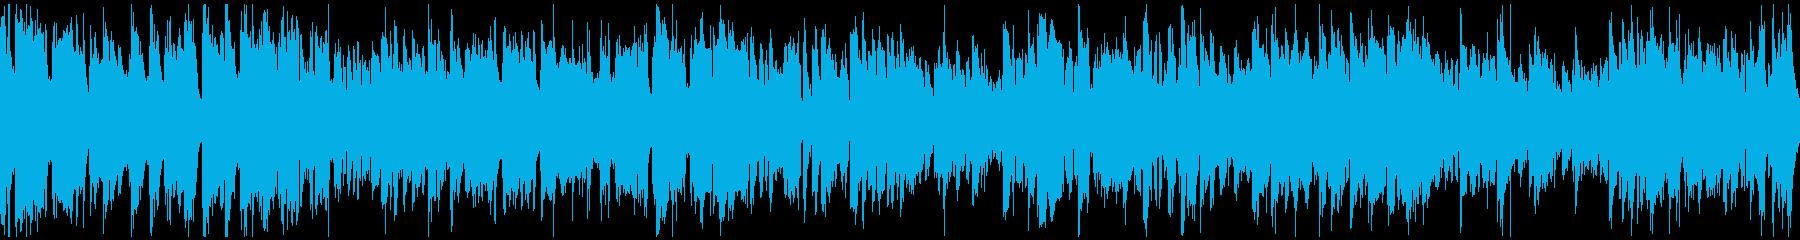 カジノ系ジャズ、明るいブルース※ループ版の再生済みの波形